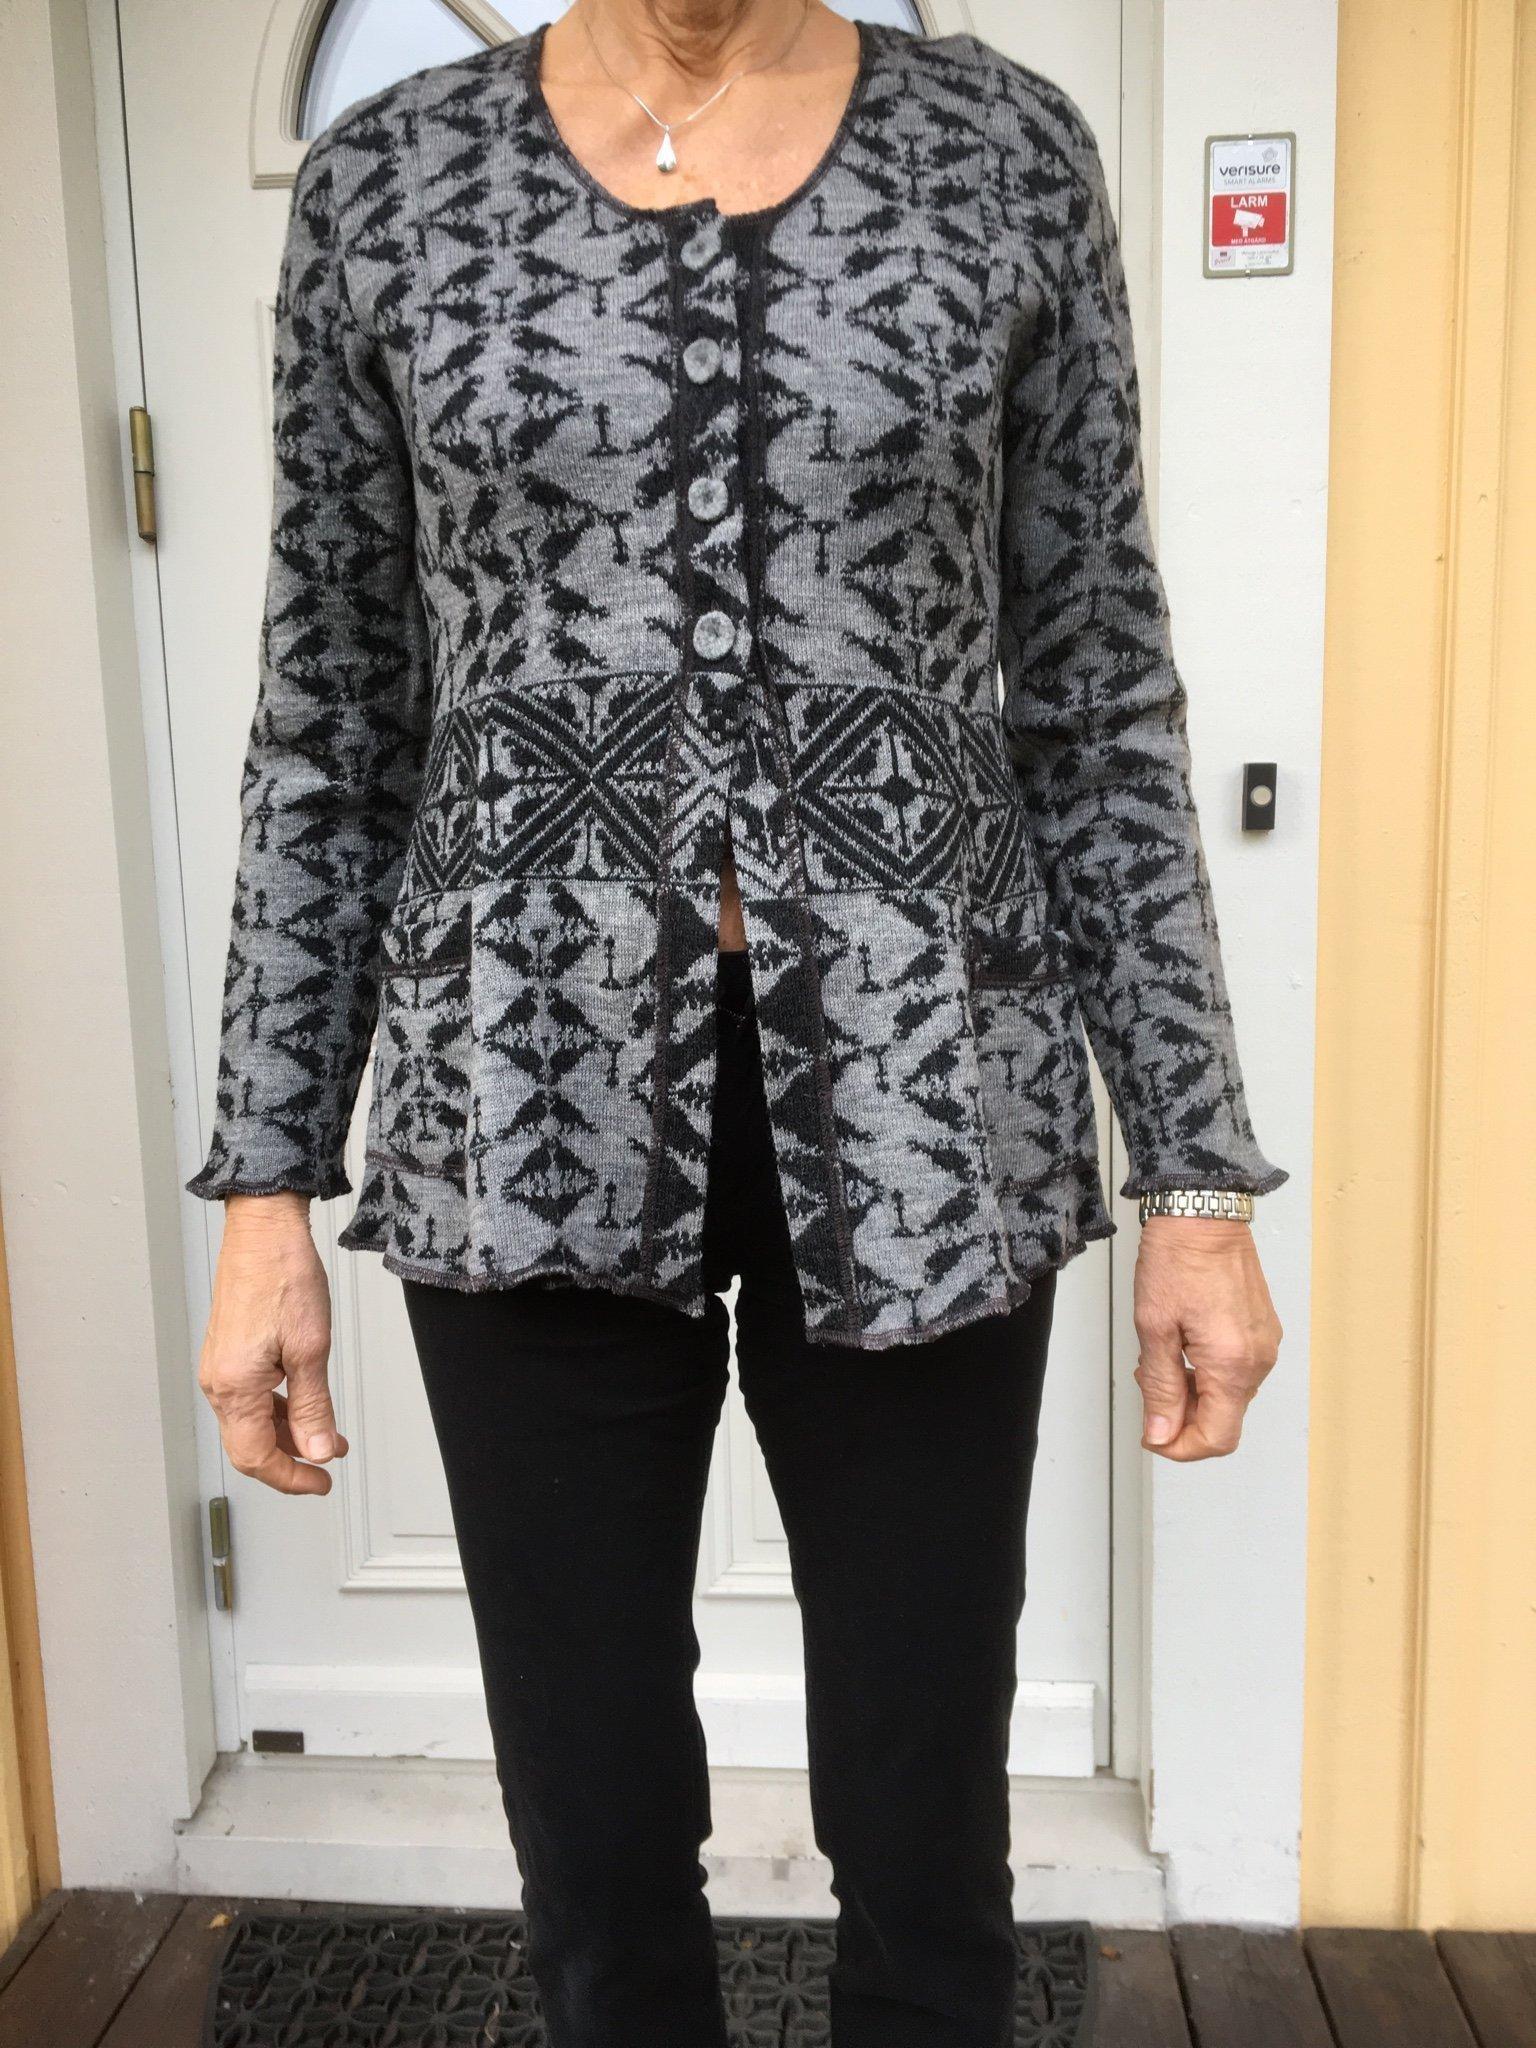 Kofta i grått och svart, 100% Ull. Design Simu Laponia. Storken M